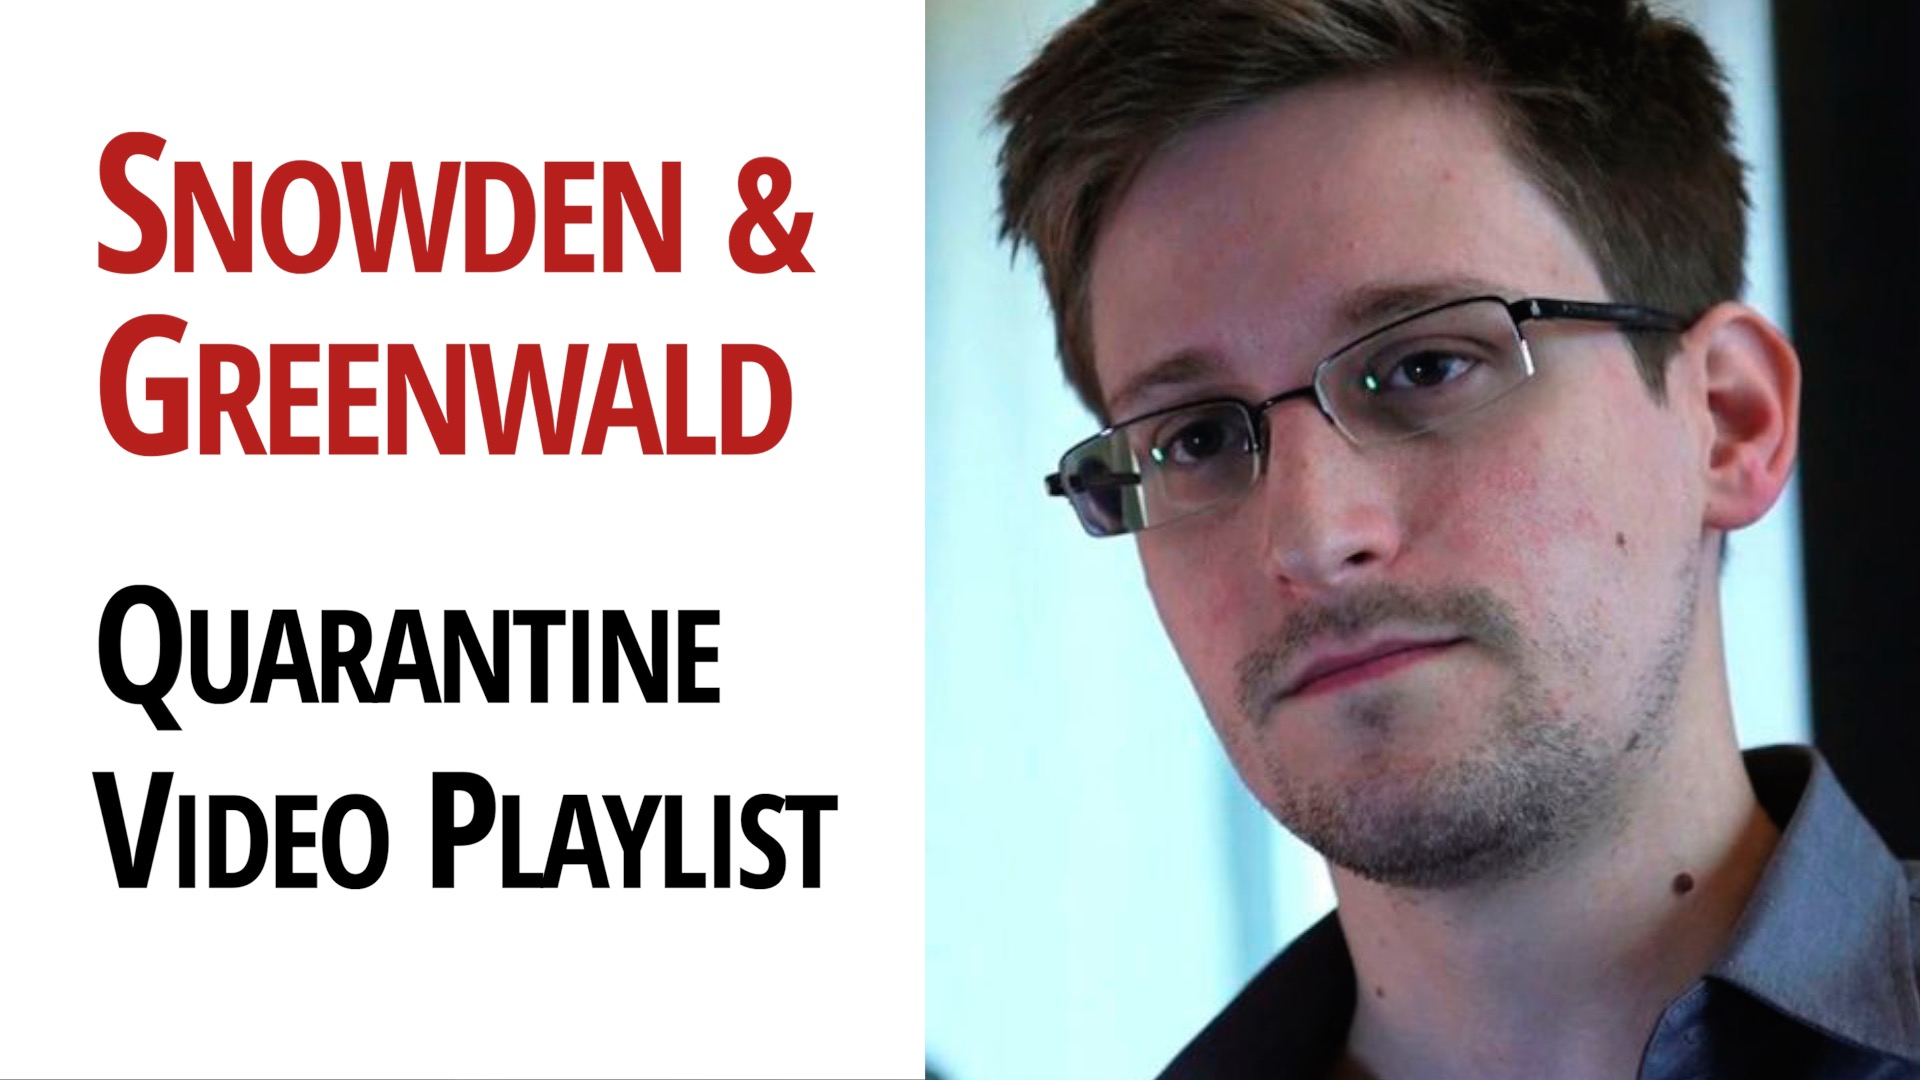 Edward Snowden Glenn Greenwald